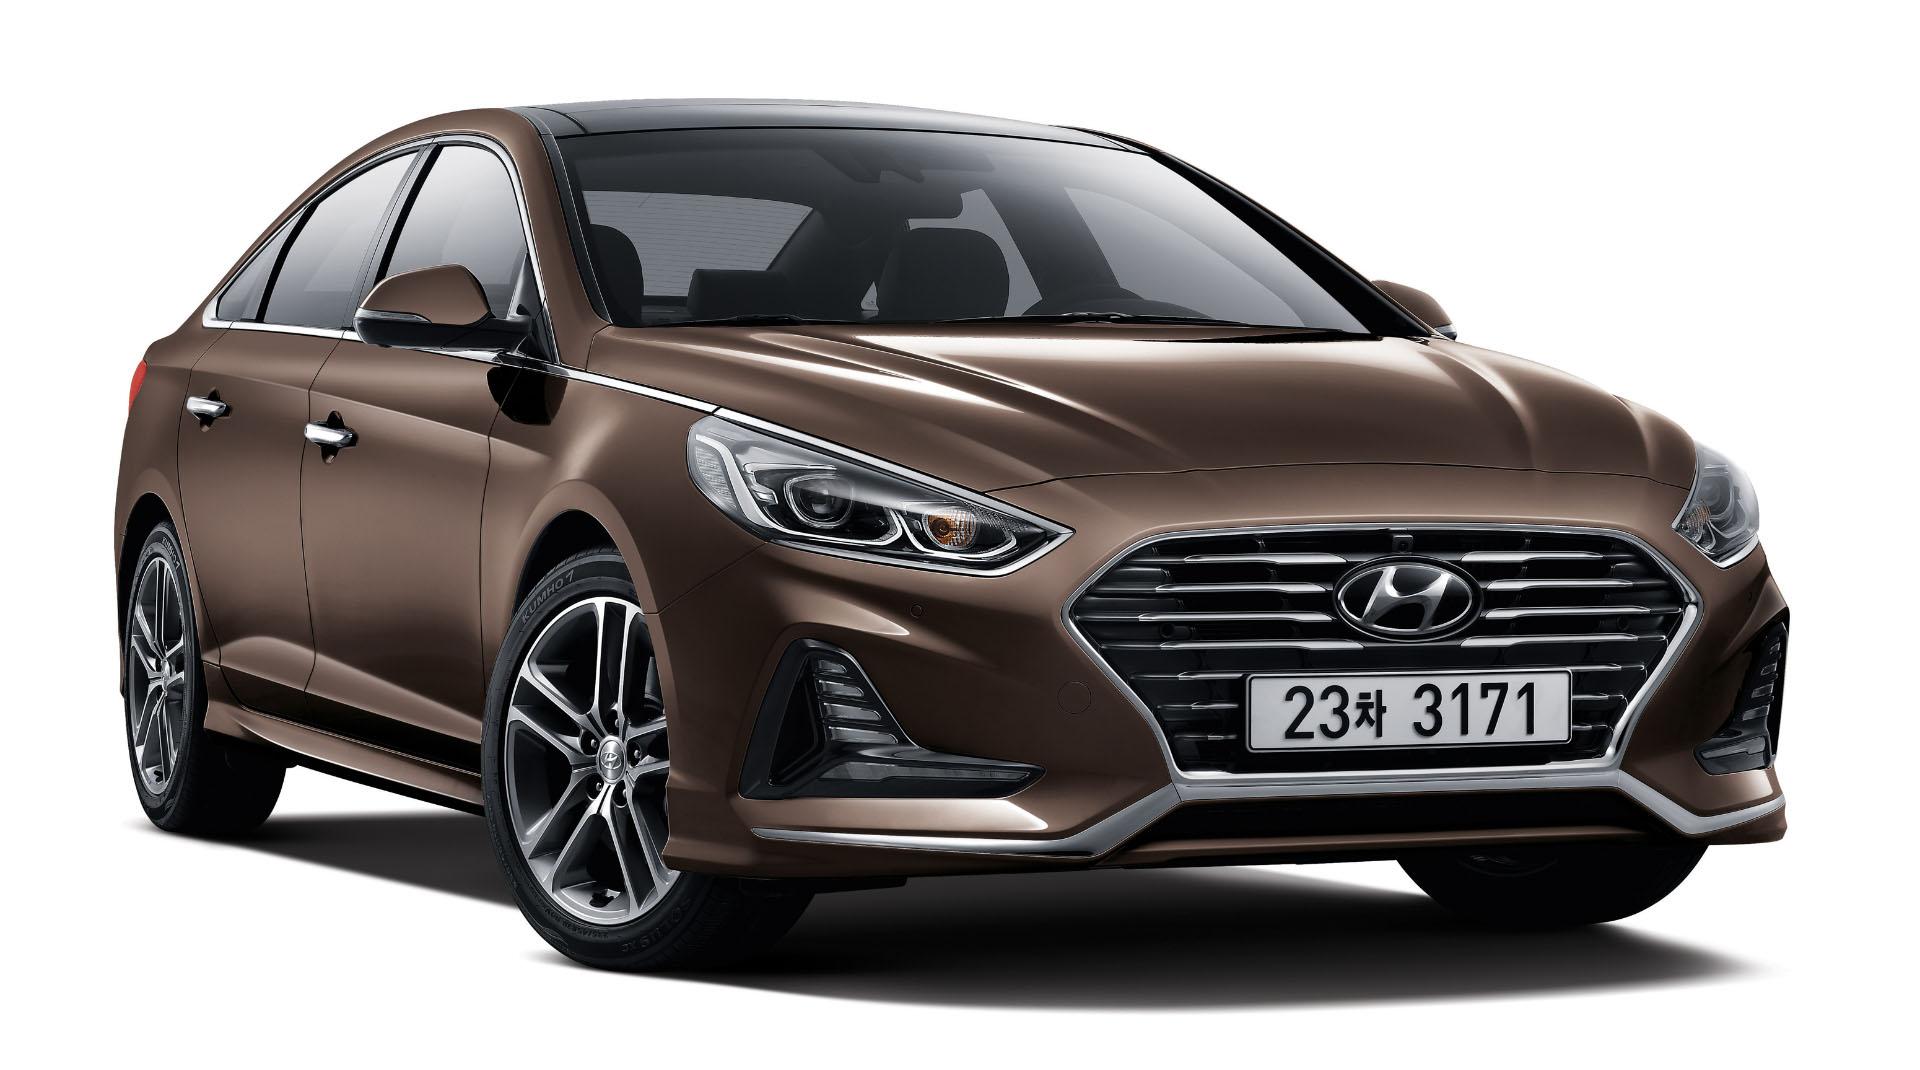 2017 Hyundai Sonata - Korean Market